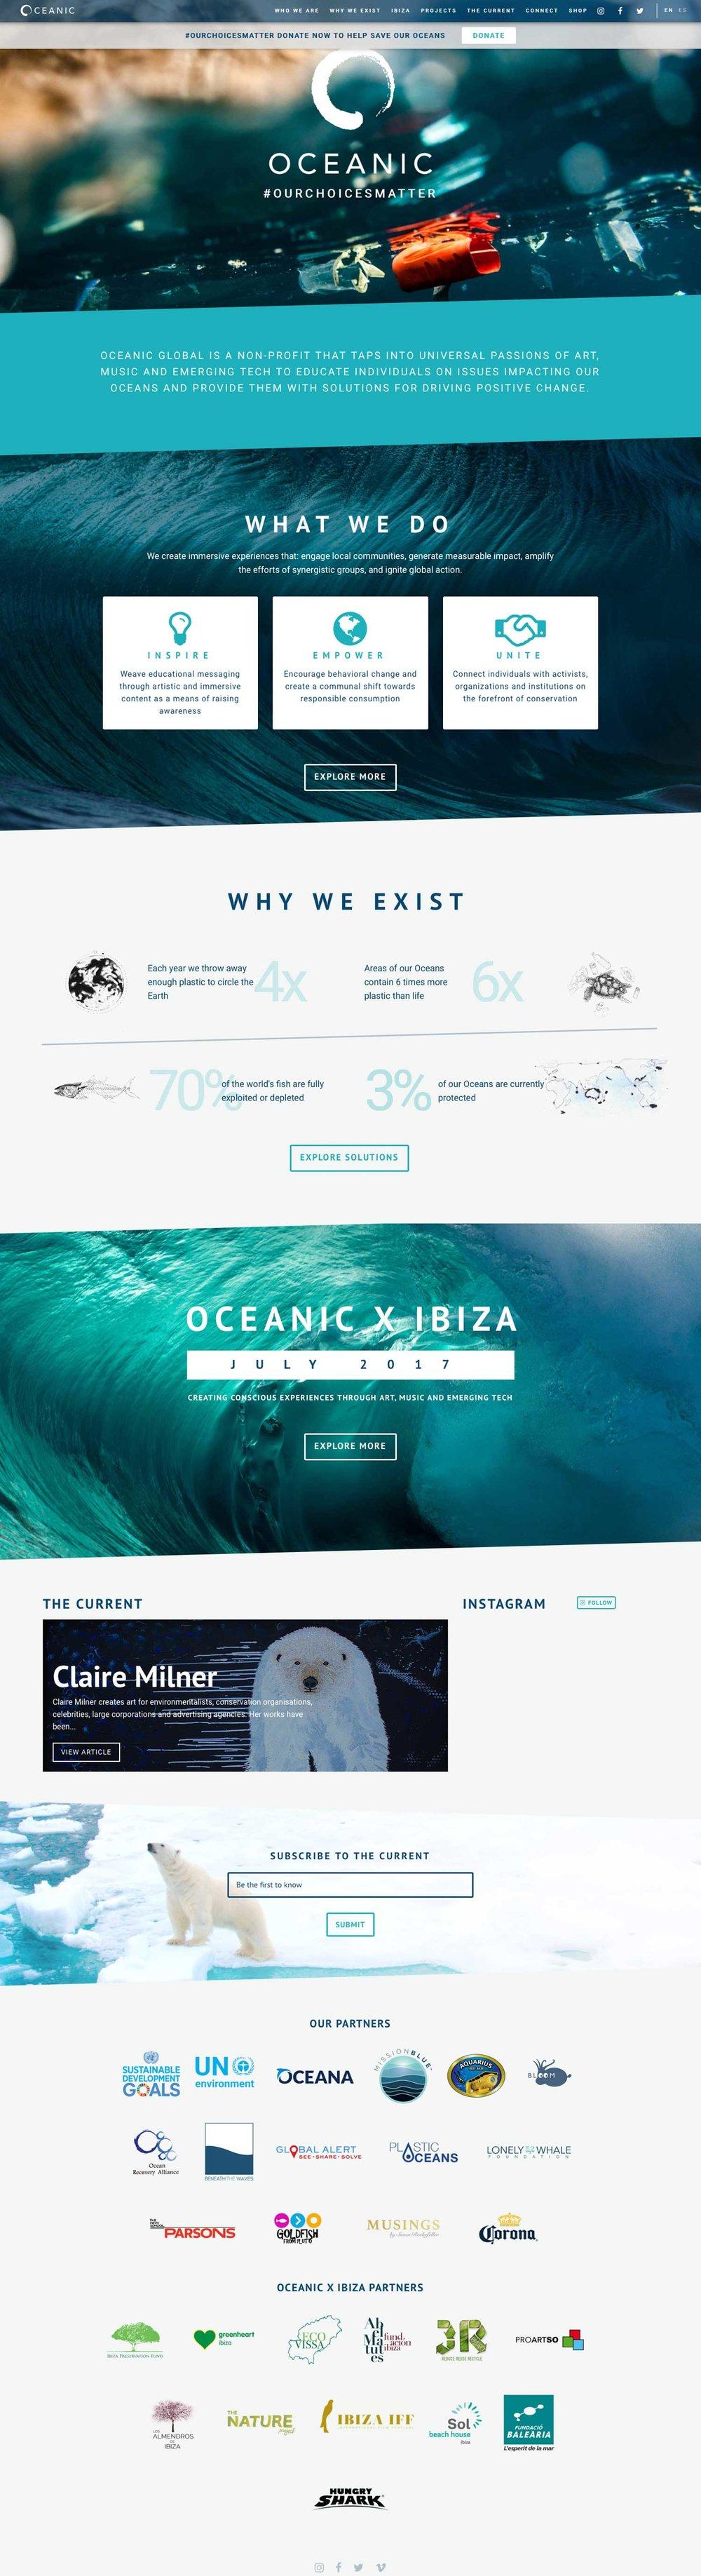 oceanic_global_webpage.jpg